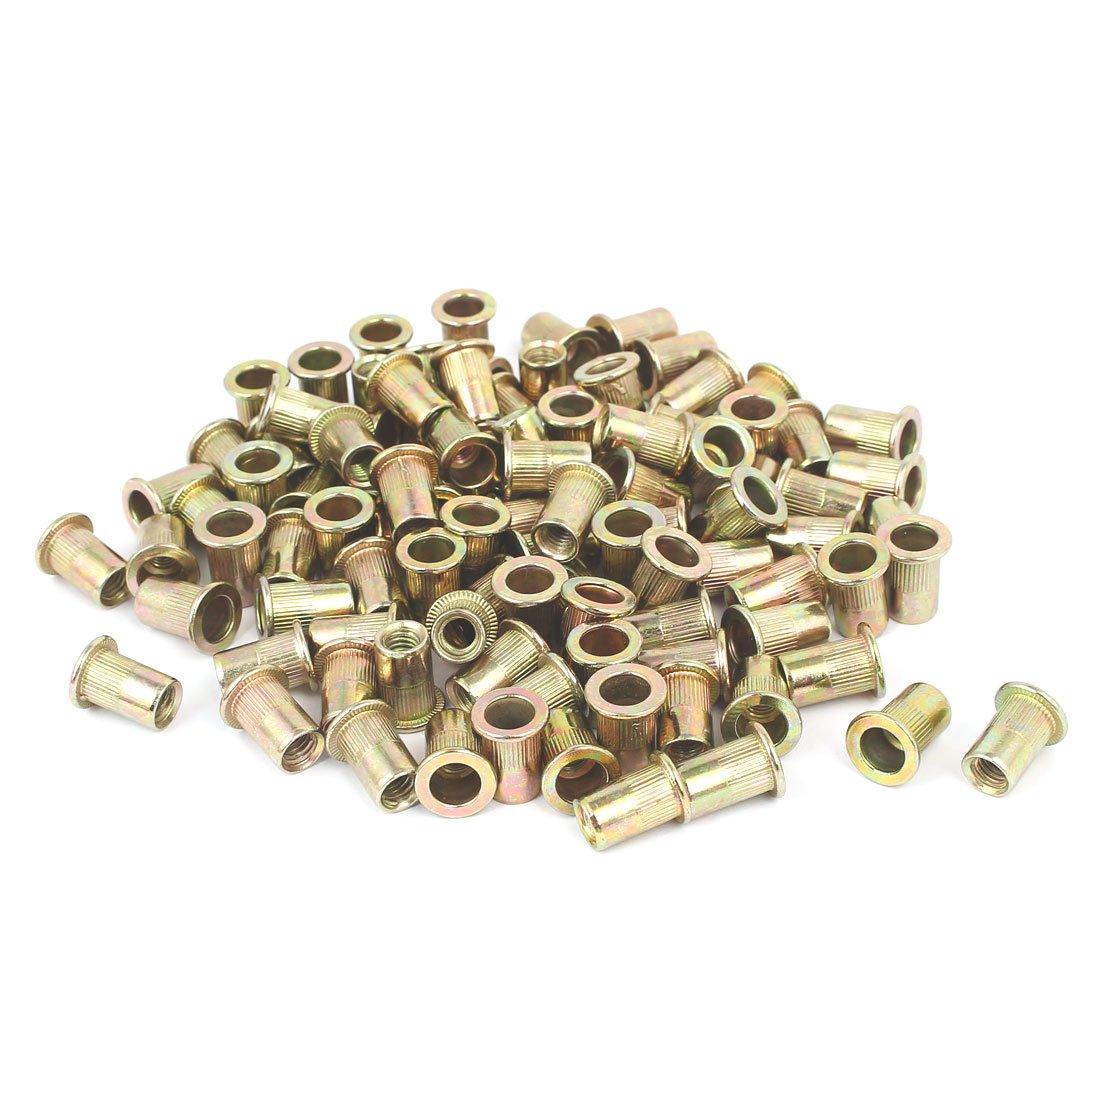 uxcell 5mmx16mm Straight Knurled Rivet Nut Insert Nutsert Bronze Tone 100pcs